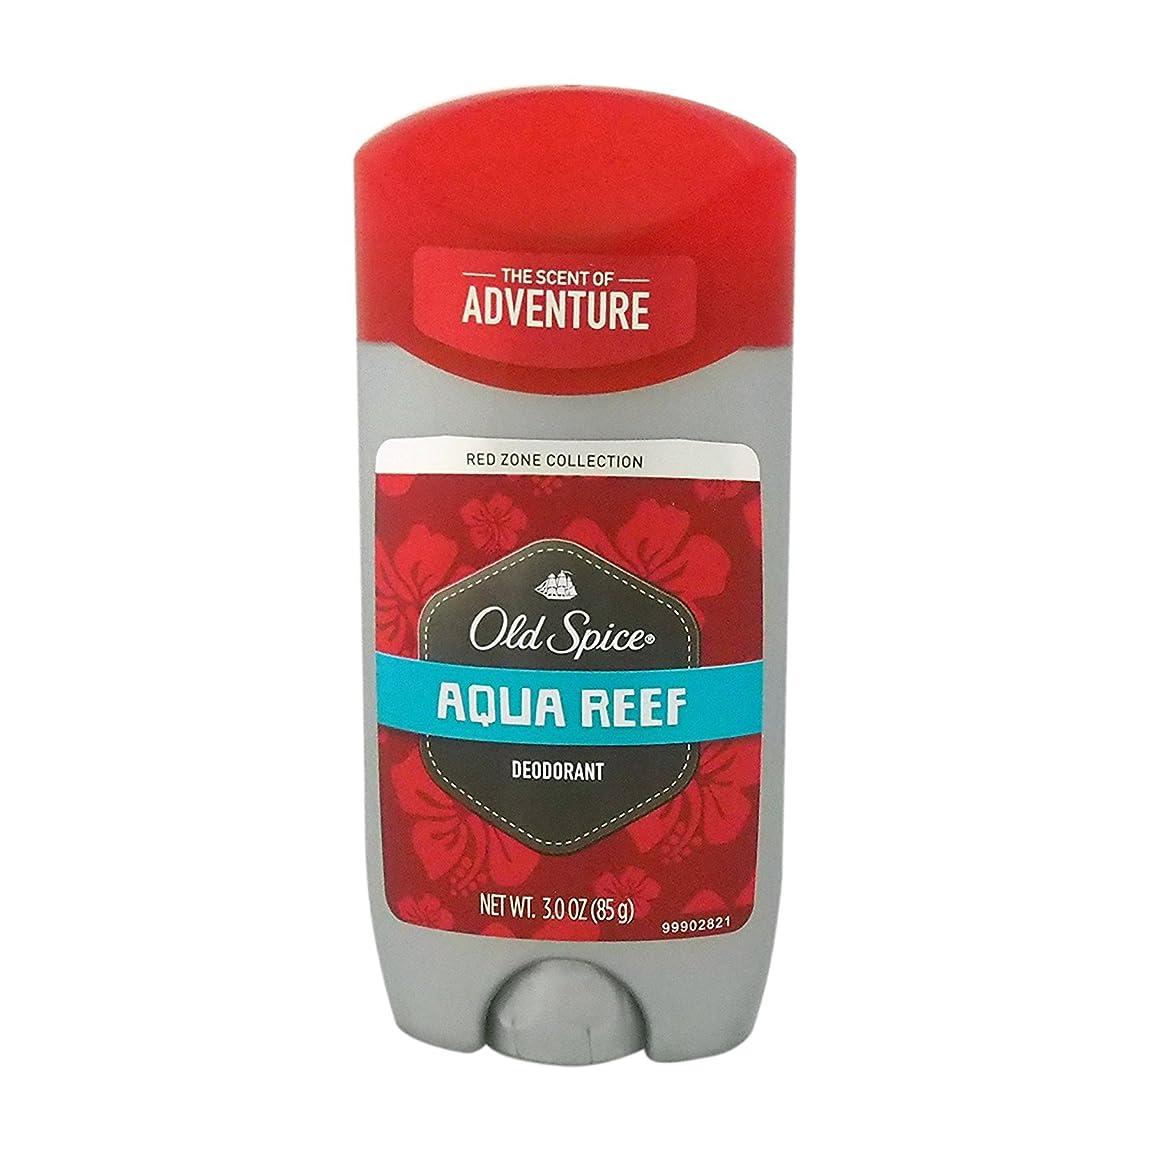 常習者生産性宿るオールドスパイス(Old Spice) RED ZONE COLLECTION アクアリーフ デオドラント 85g[並行輸入品]